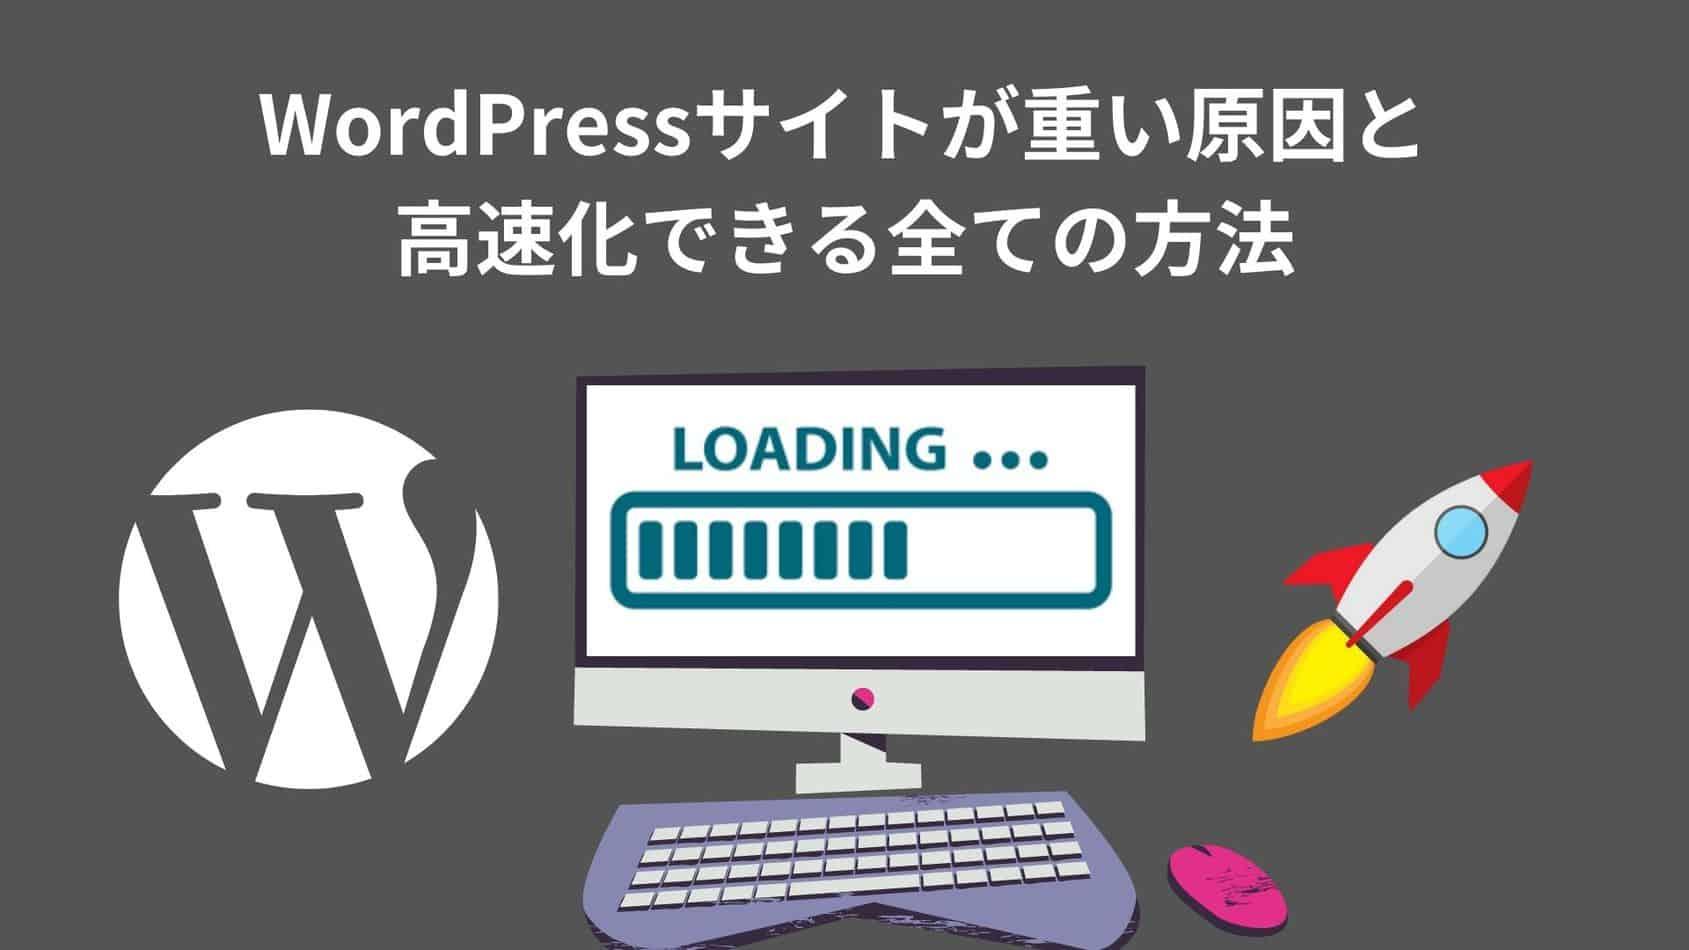 WordPressが重い原因と高速化する8つの方法【2021年版】